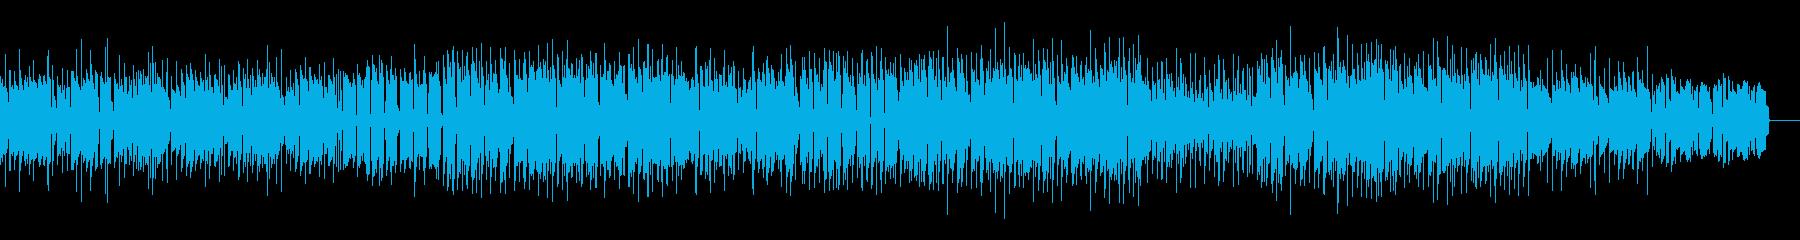 バンジョーを使用、ワルツのカントリー音楽の再生済みの波形